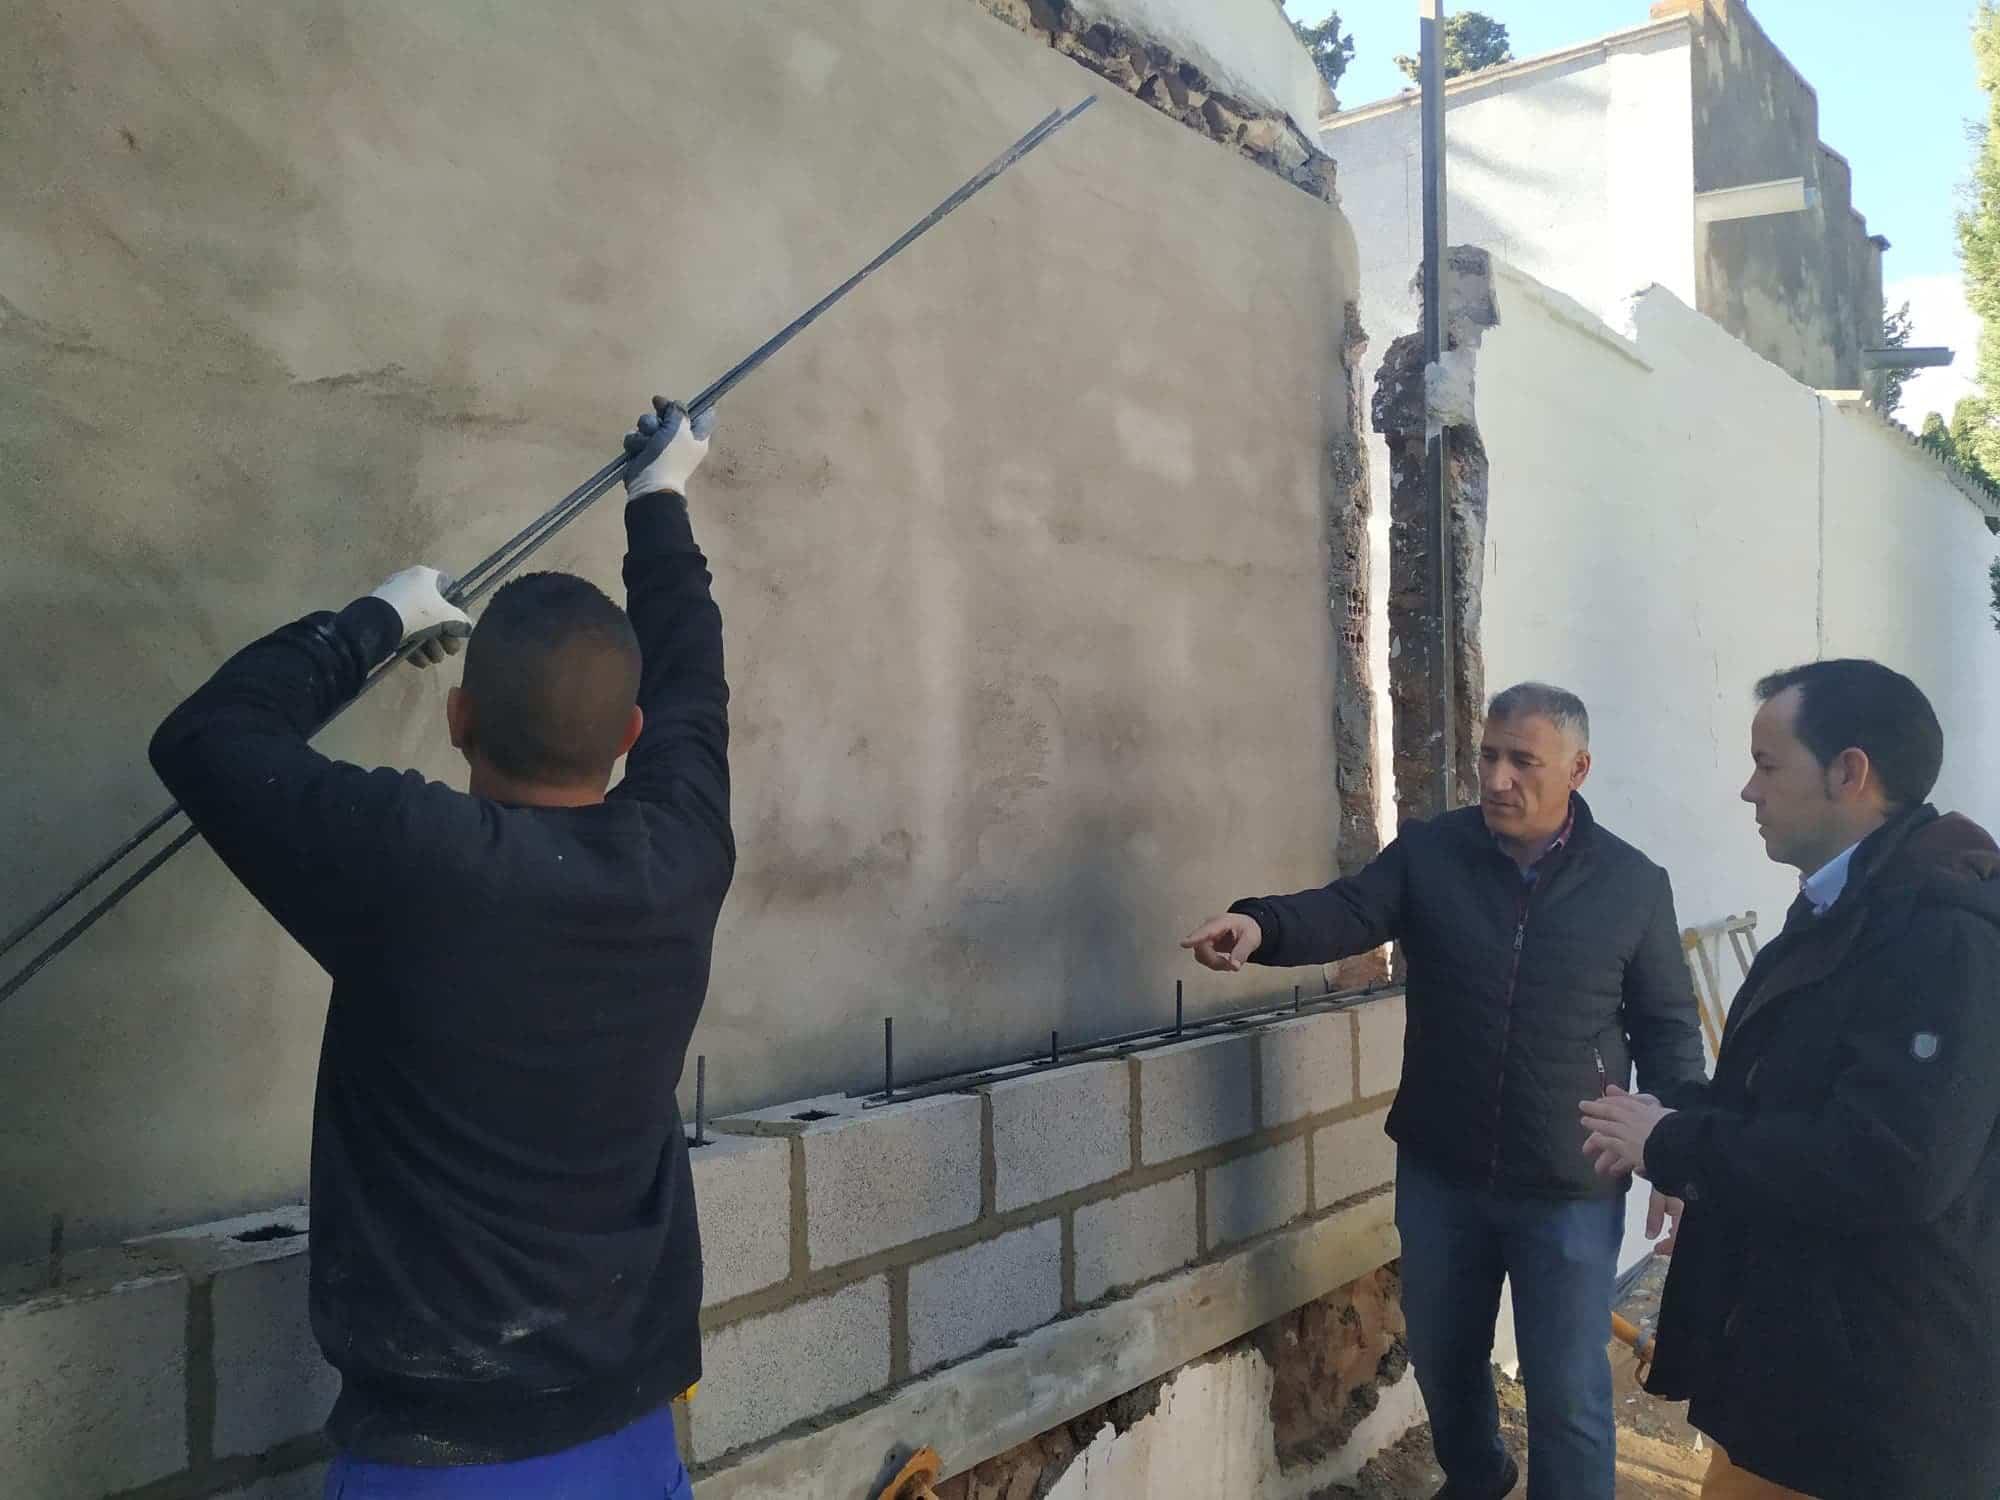 Mejoras pasillos cementerio herencia 1 - Comienza la primera fase de obras de mejora en el Cementerio Municipal